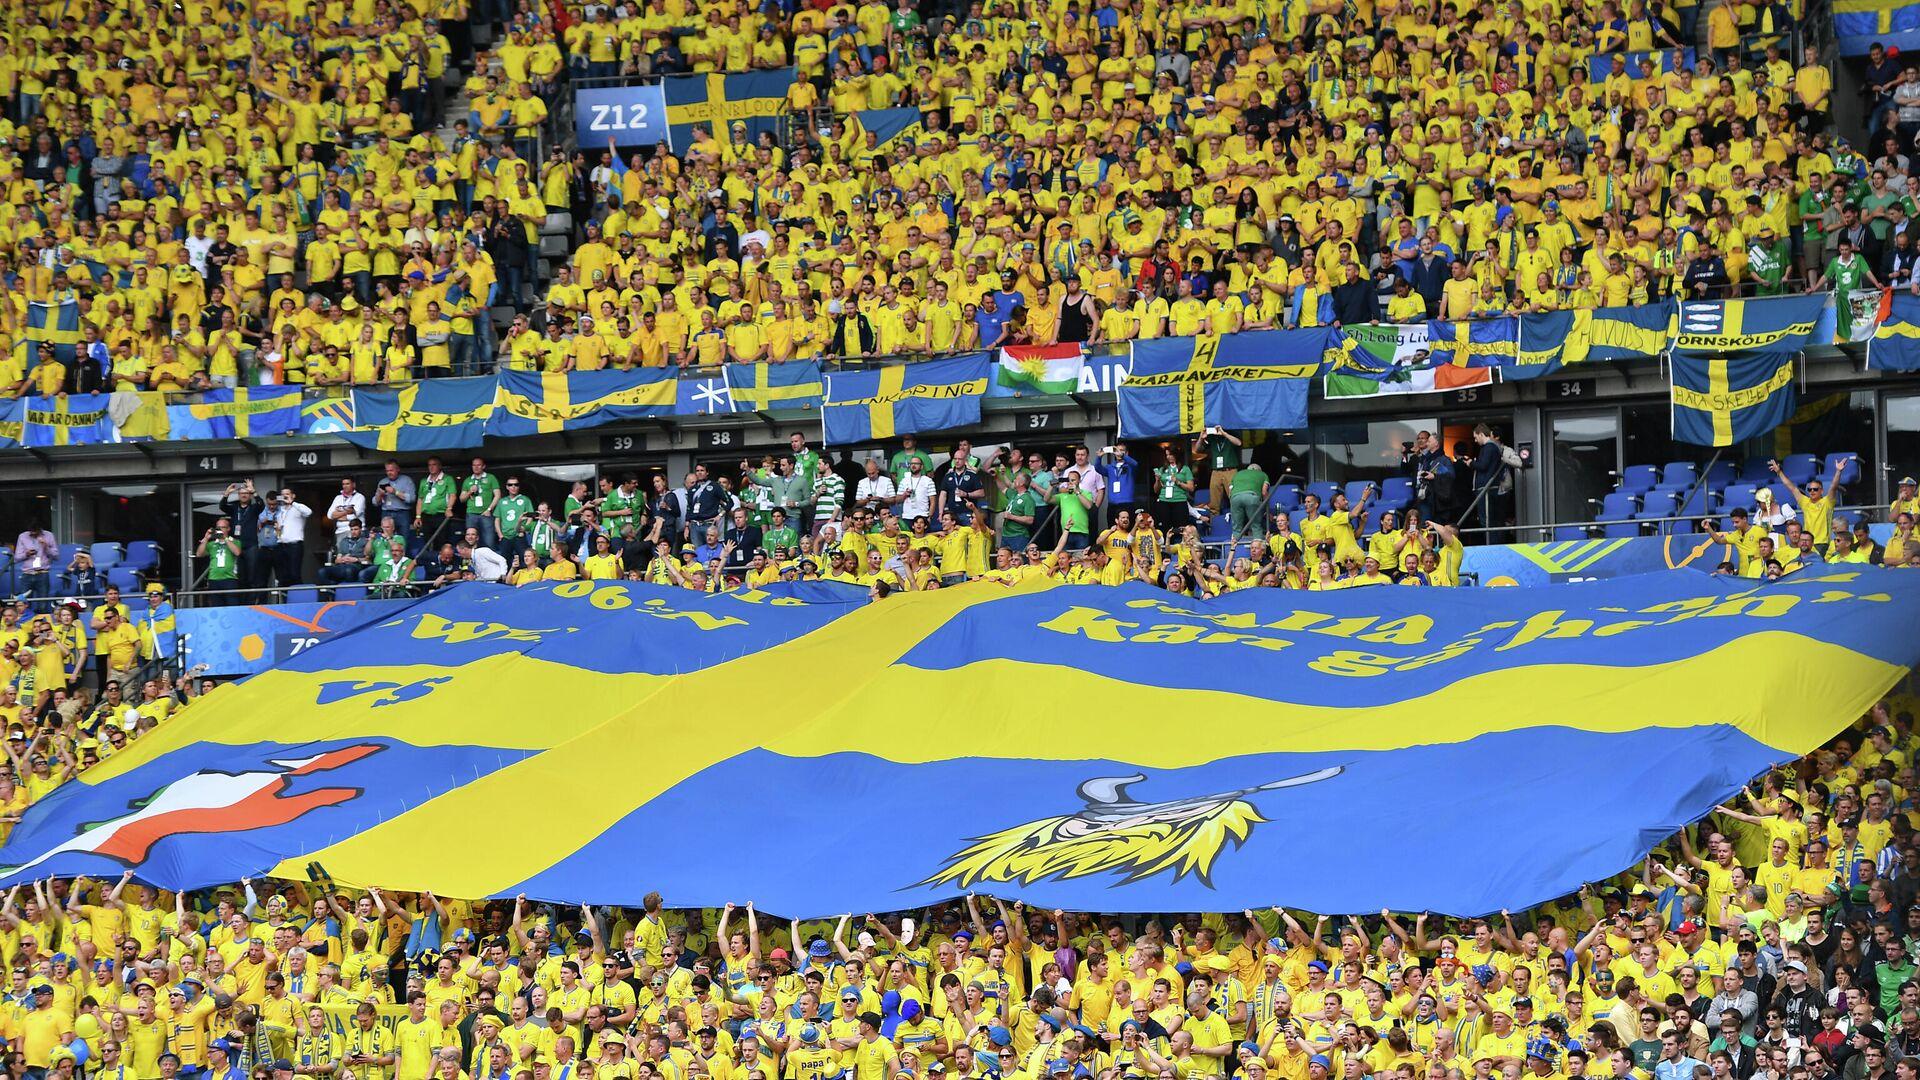 Болельщики сборной Швеции по футболу - РИА Новости, 1920, 30.09.2020